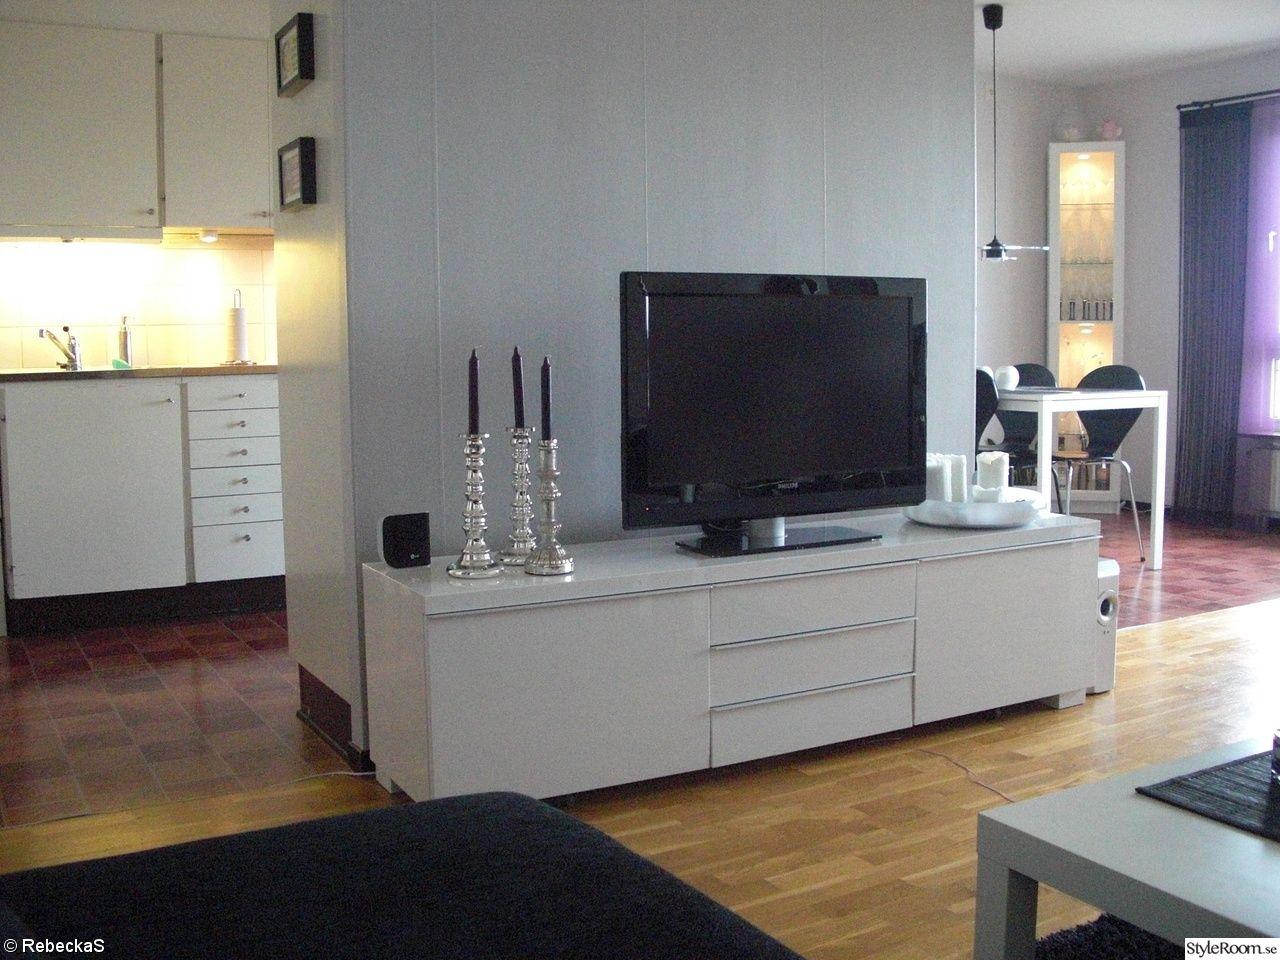 besta burs tv - buscar con google | ideas para el hogar, Wohnzimmer dekoo